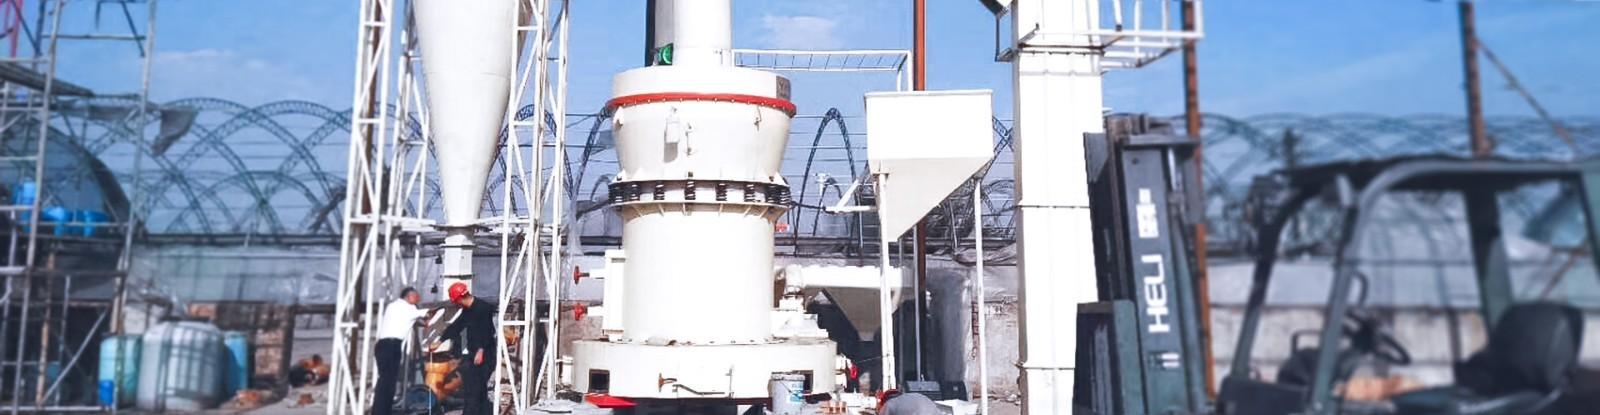 內蒙古4R3117雷蒙磨粉機日產40噸煤粉生產線